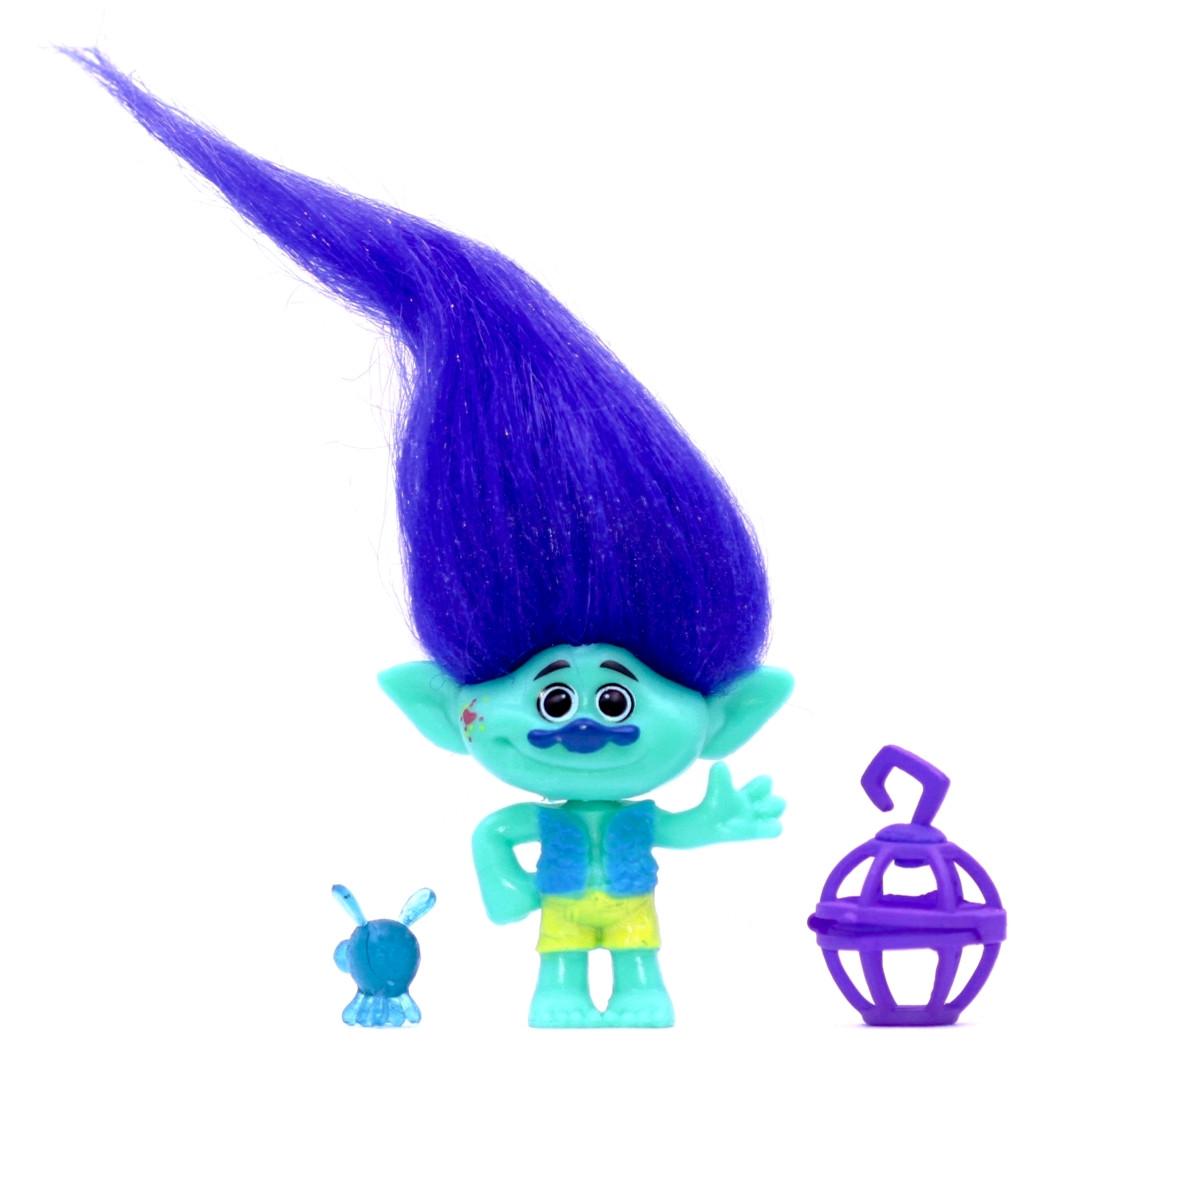 Игрушка тролль из м-ф Trolls Цветан - Branch, Trolls, Hasbro SKL14-143289